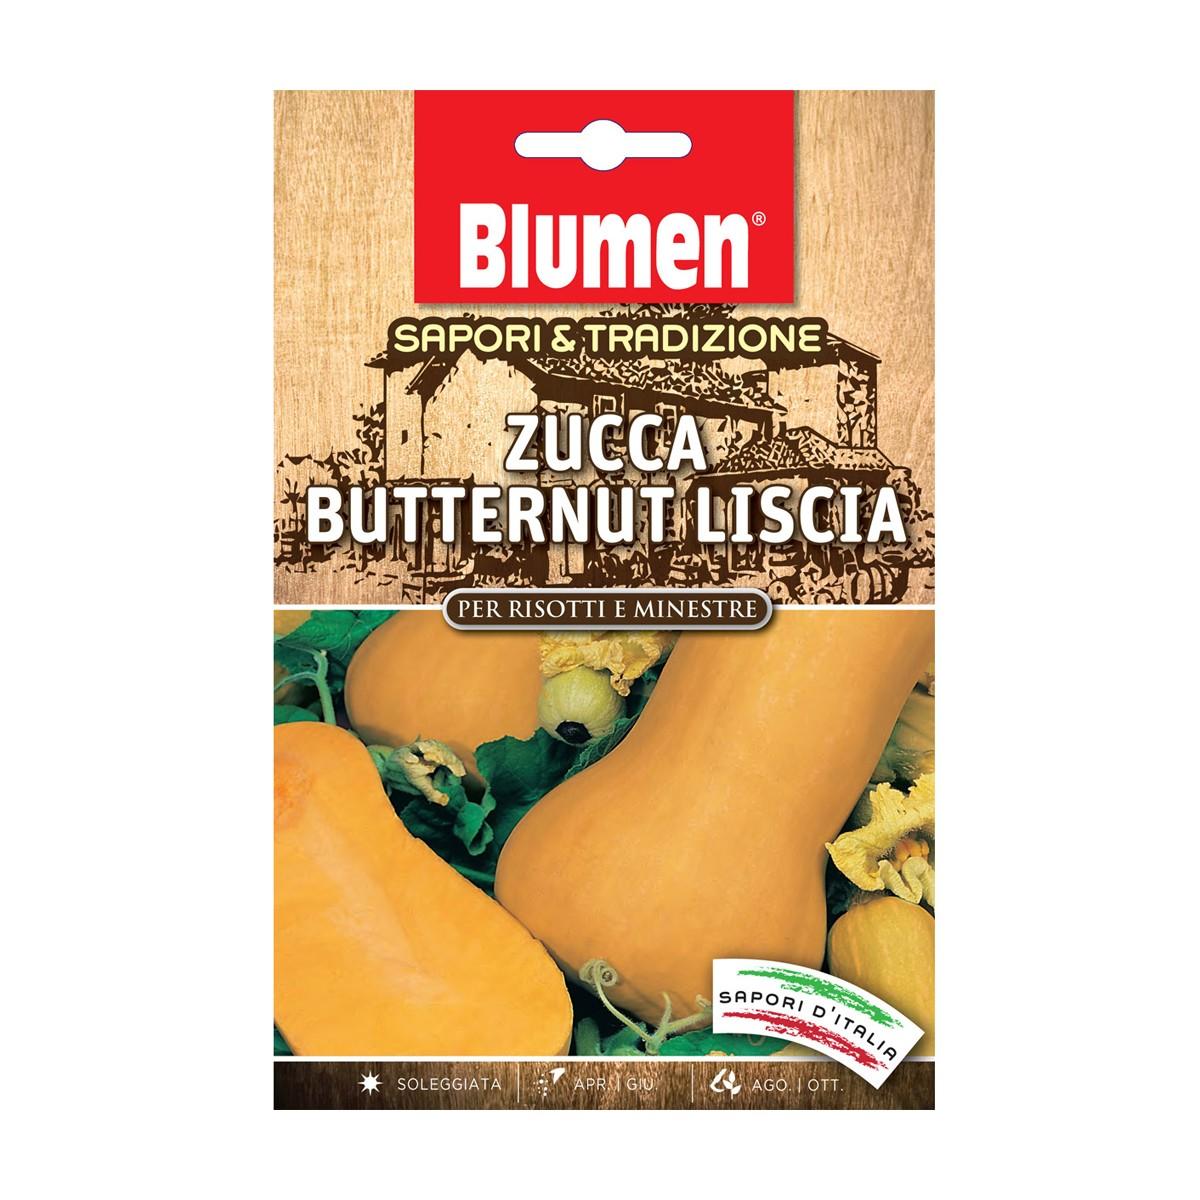 Semi Zucca Butternut Liscia